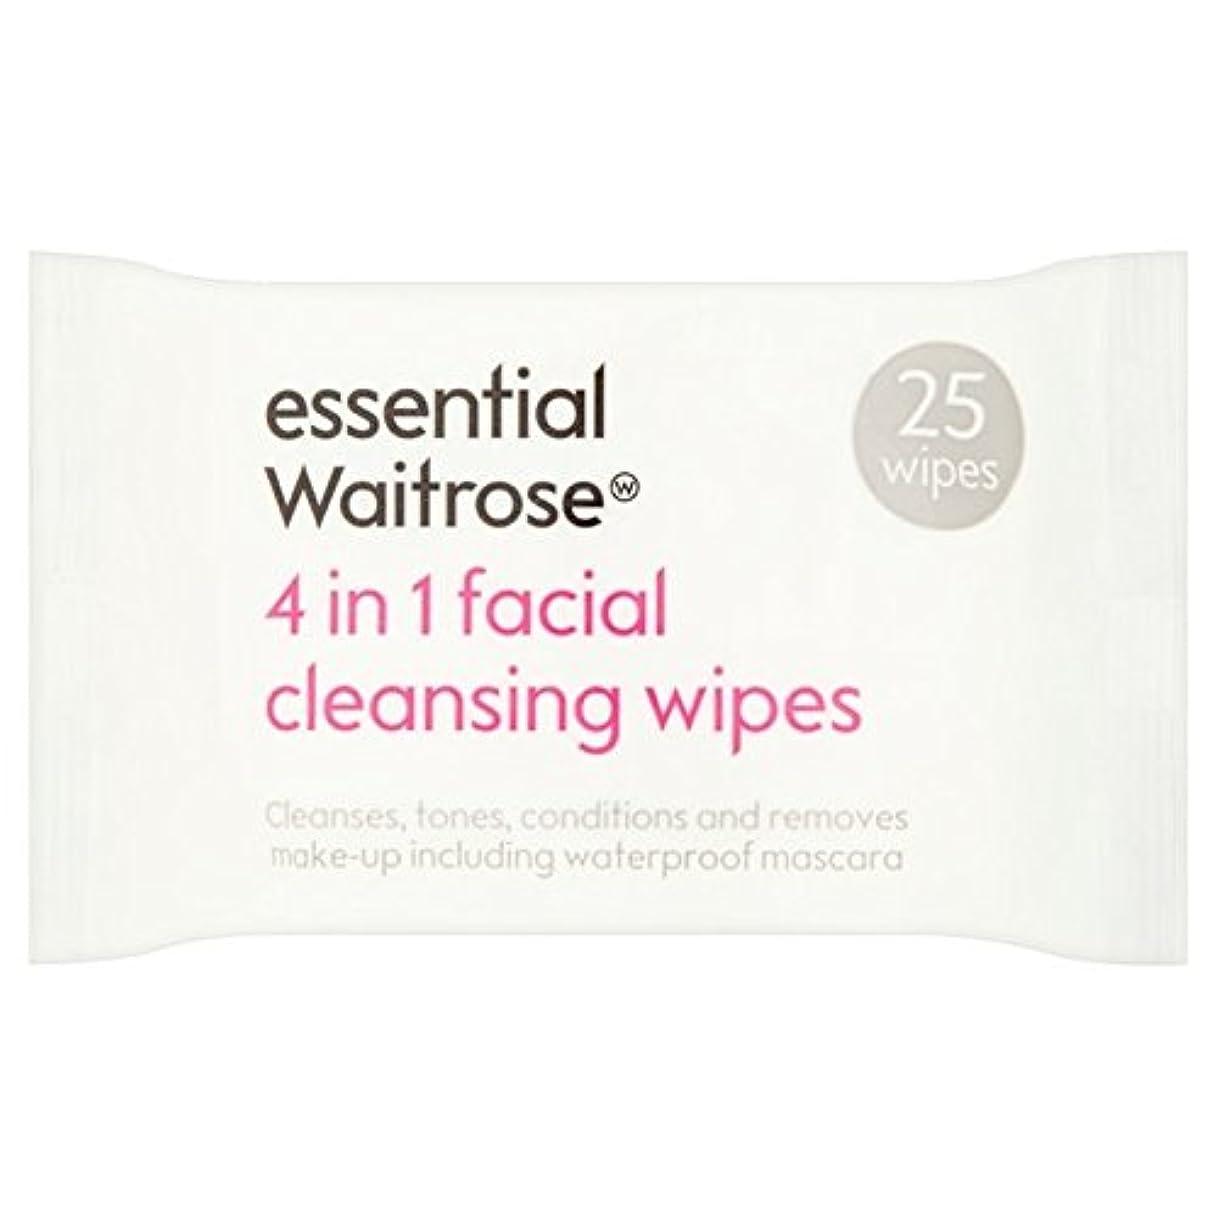 動的判決位置する3 1での顔のワイプパックあたり不可欠ウェイトローズ25 x4 - 3 in 1 Facial Wipes essential Waitrose 25 per pack (Pack of 4) [並行輸入品]